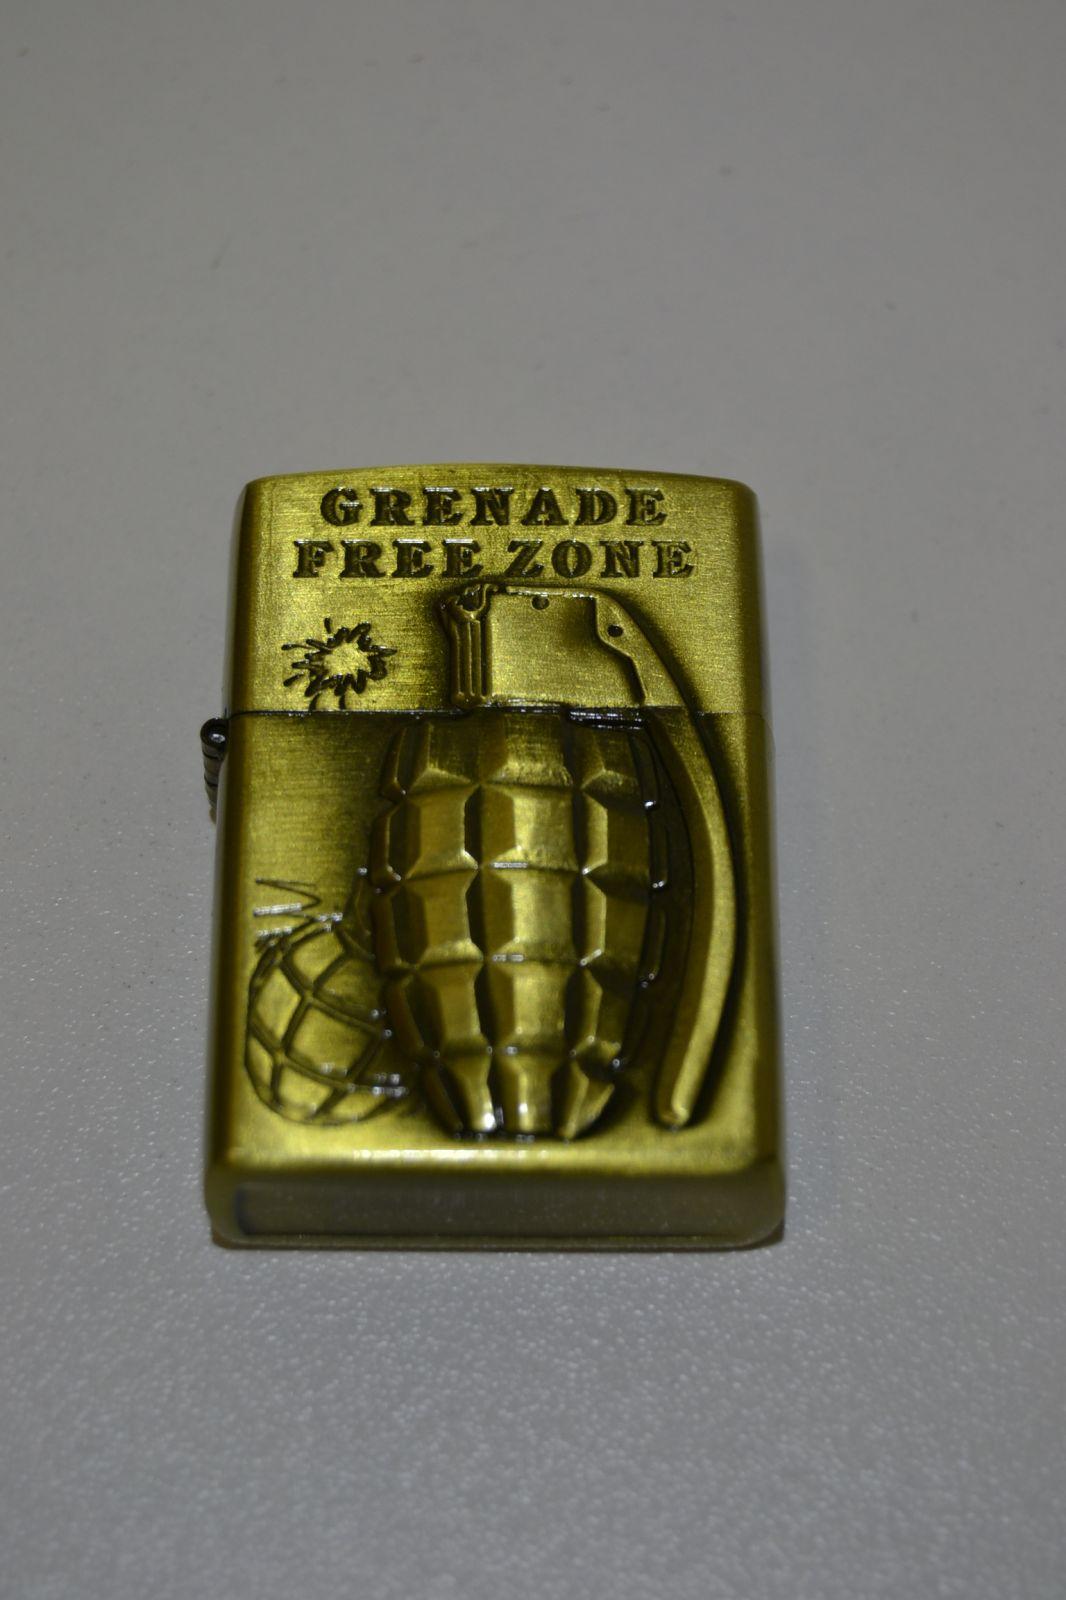 Benzínový zapalovač č. 92 - granát - grenade free zone